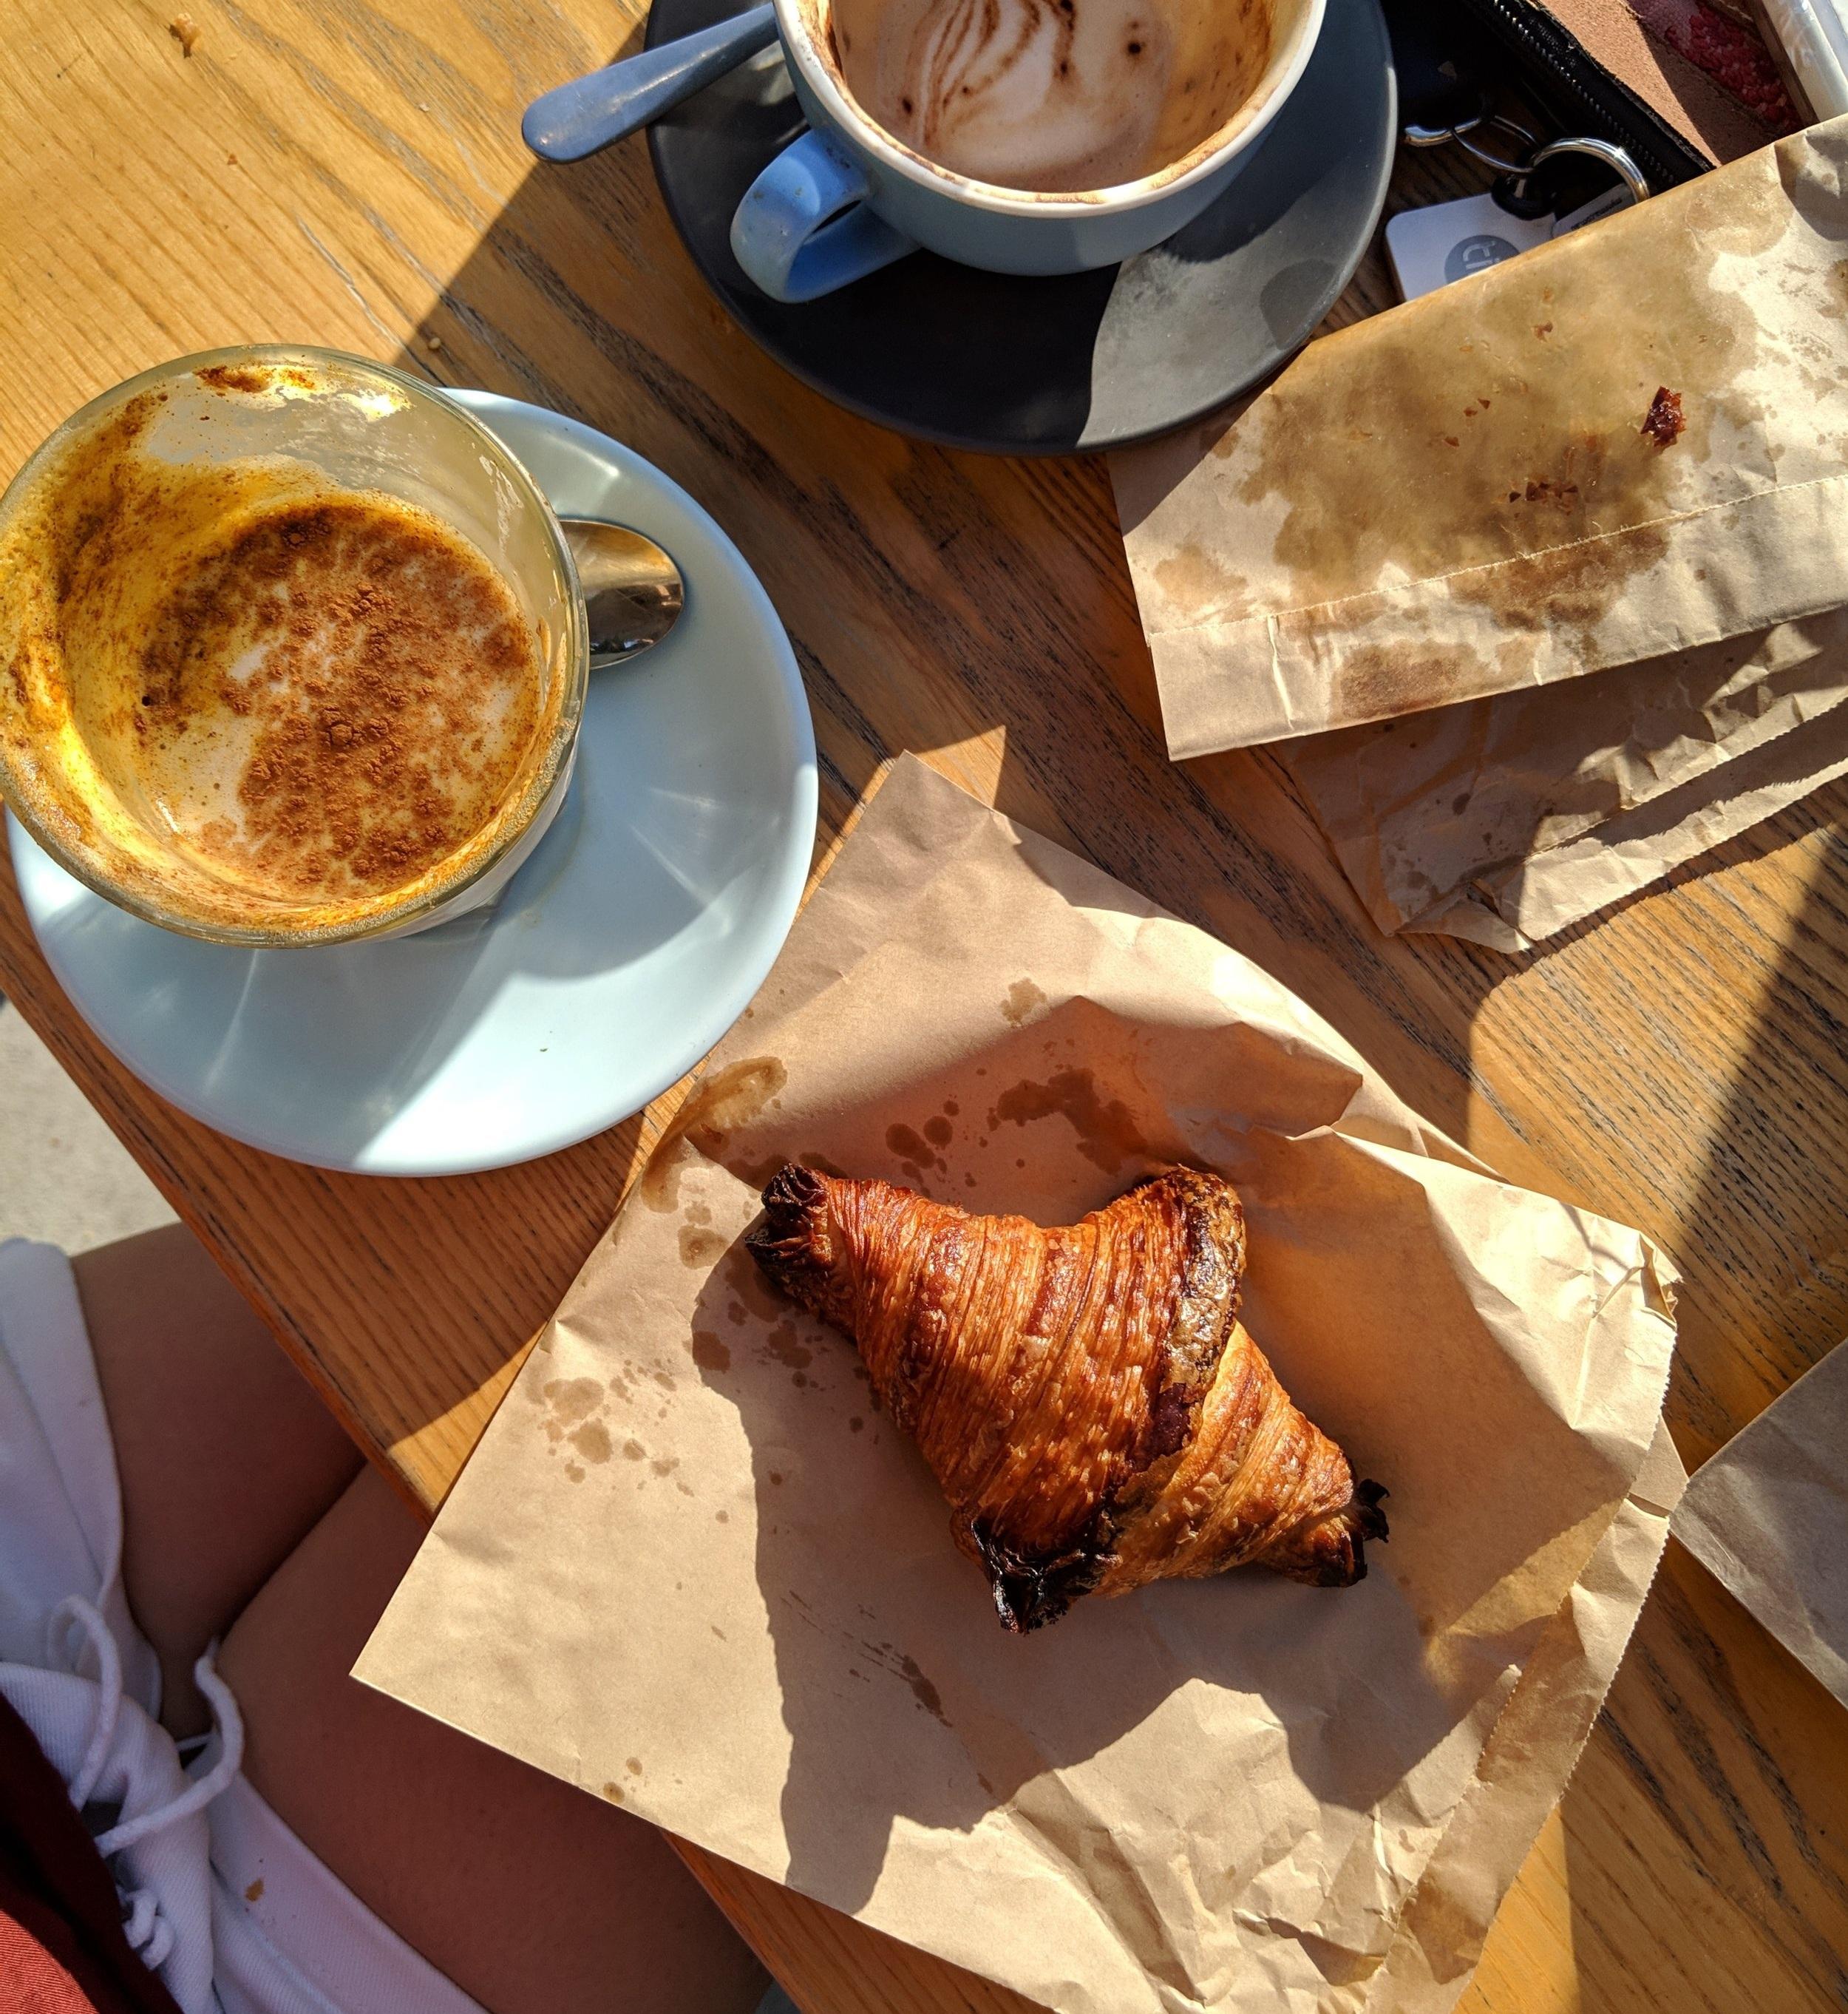 Food+freedom+Croissant.jpg